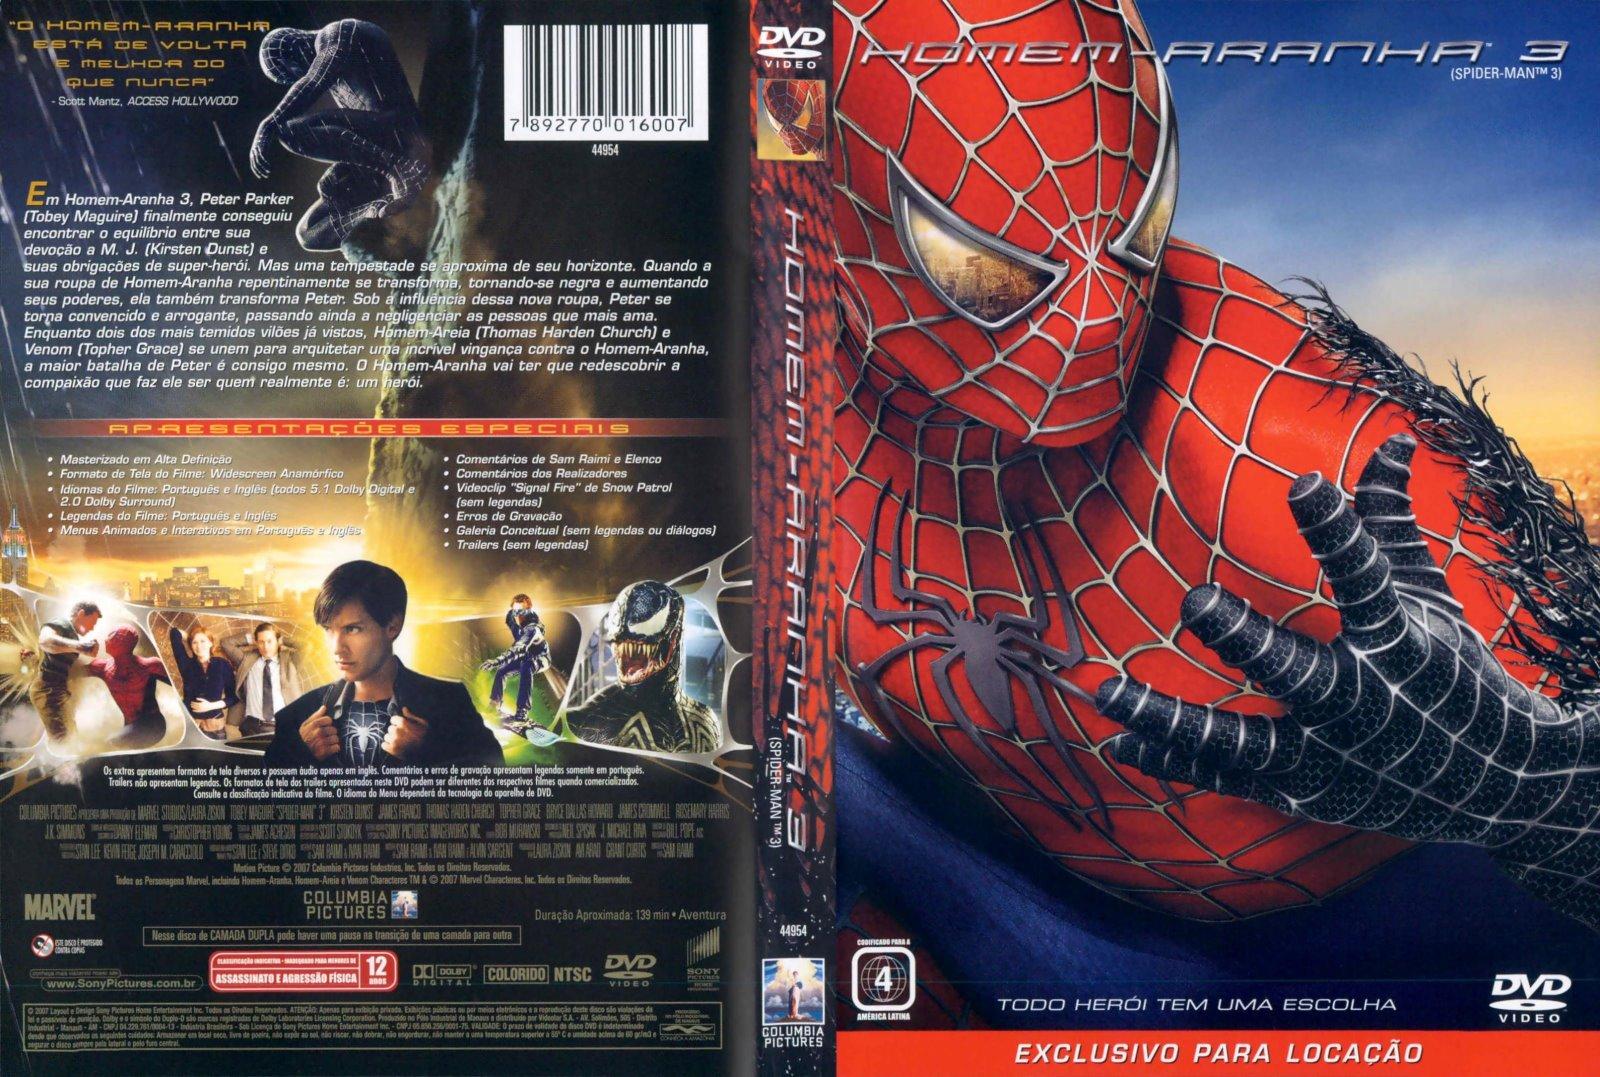 http://1.bp.blogspot.com/_JPjxEpEJxOE/TBmht_gekmI/AAAAAAAAAKk/D643Zl9rdw8/s1600/Spider_Man_3_Brazilian_R4-%5Bcdcovers_cc%5D-front.jpg